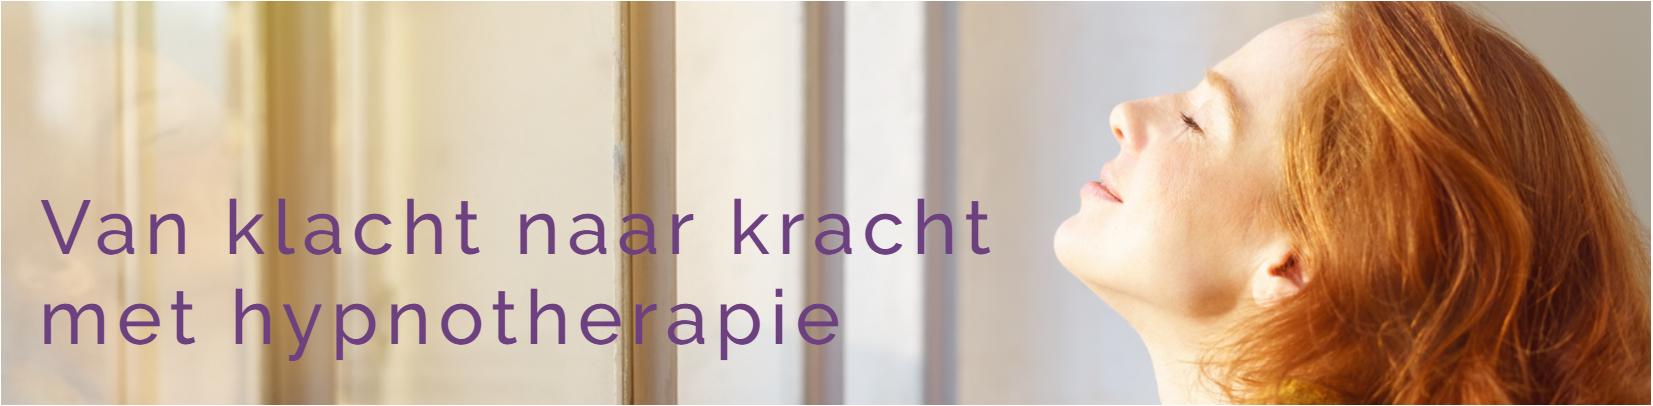 Hypnotherapie Oudkerk Zaanstad